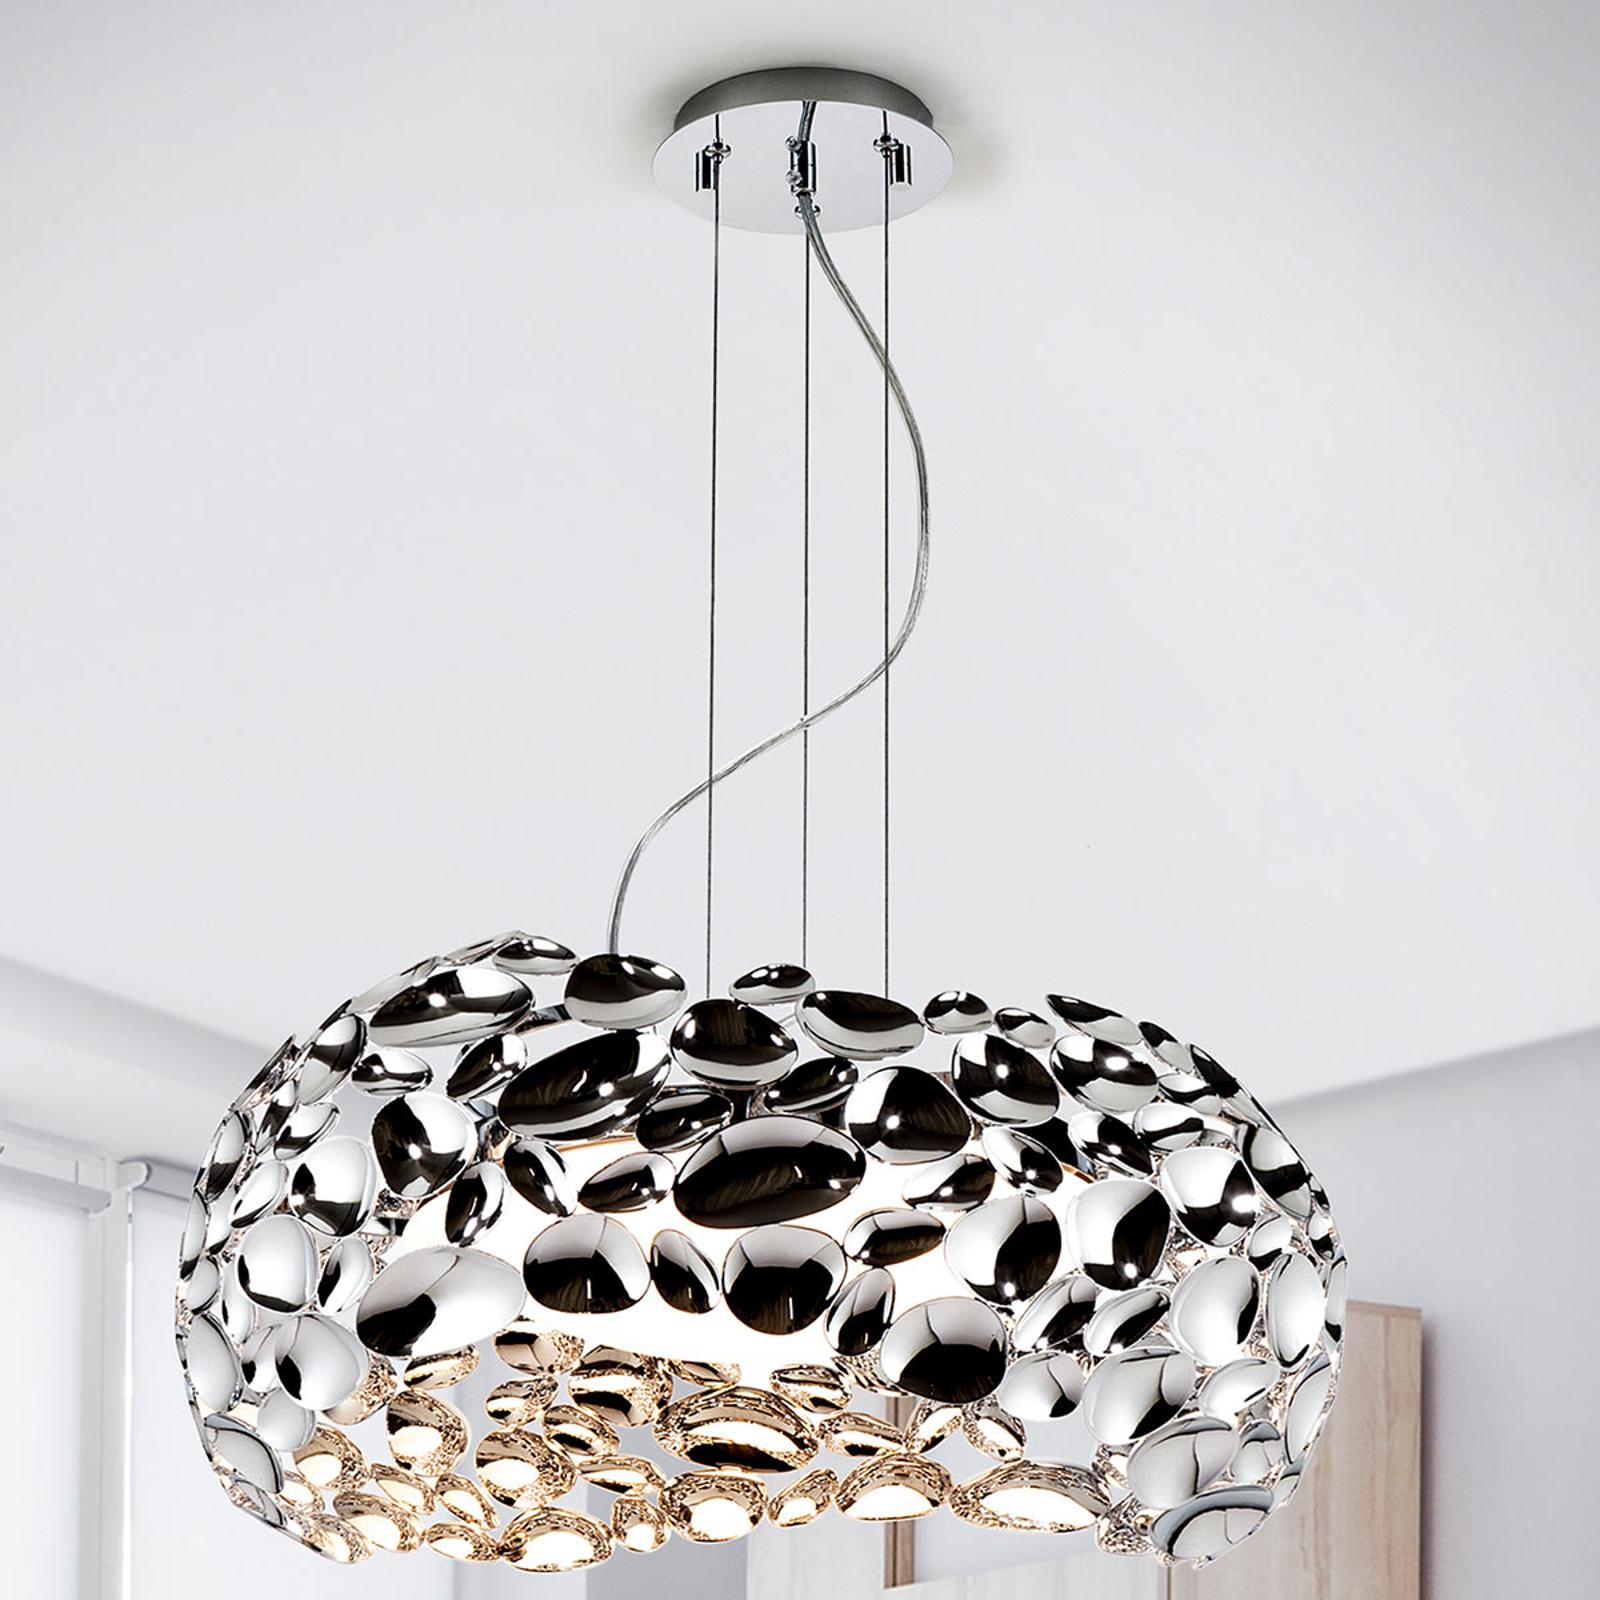 LED-hänglampa Narisa 47 cm blankt krom